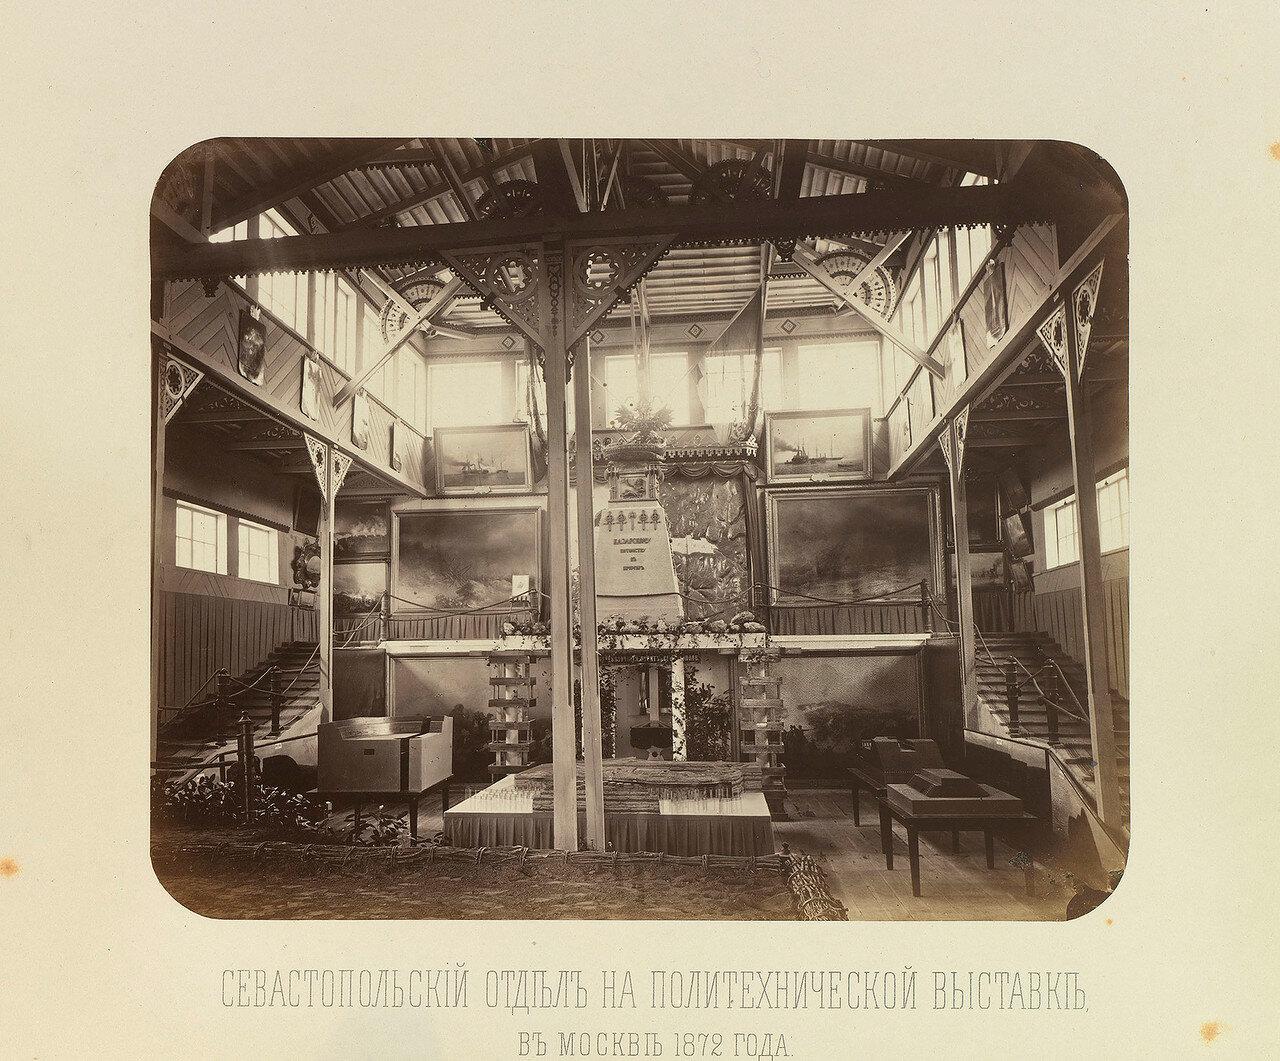 00. в. Севастопольский отдел на Политехнической выставке